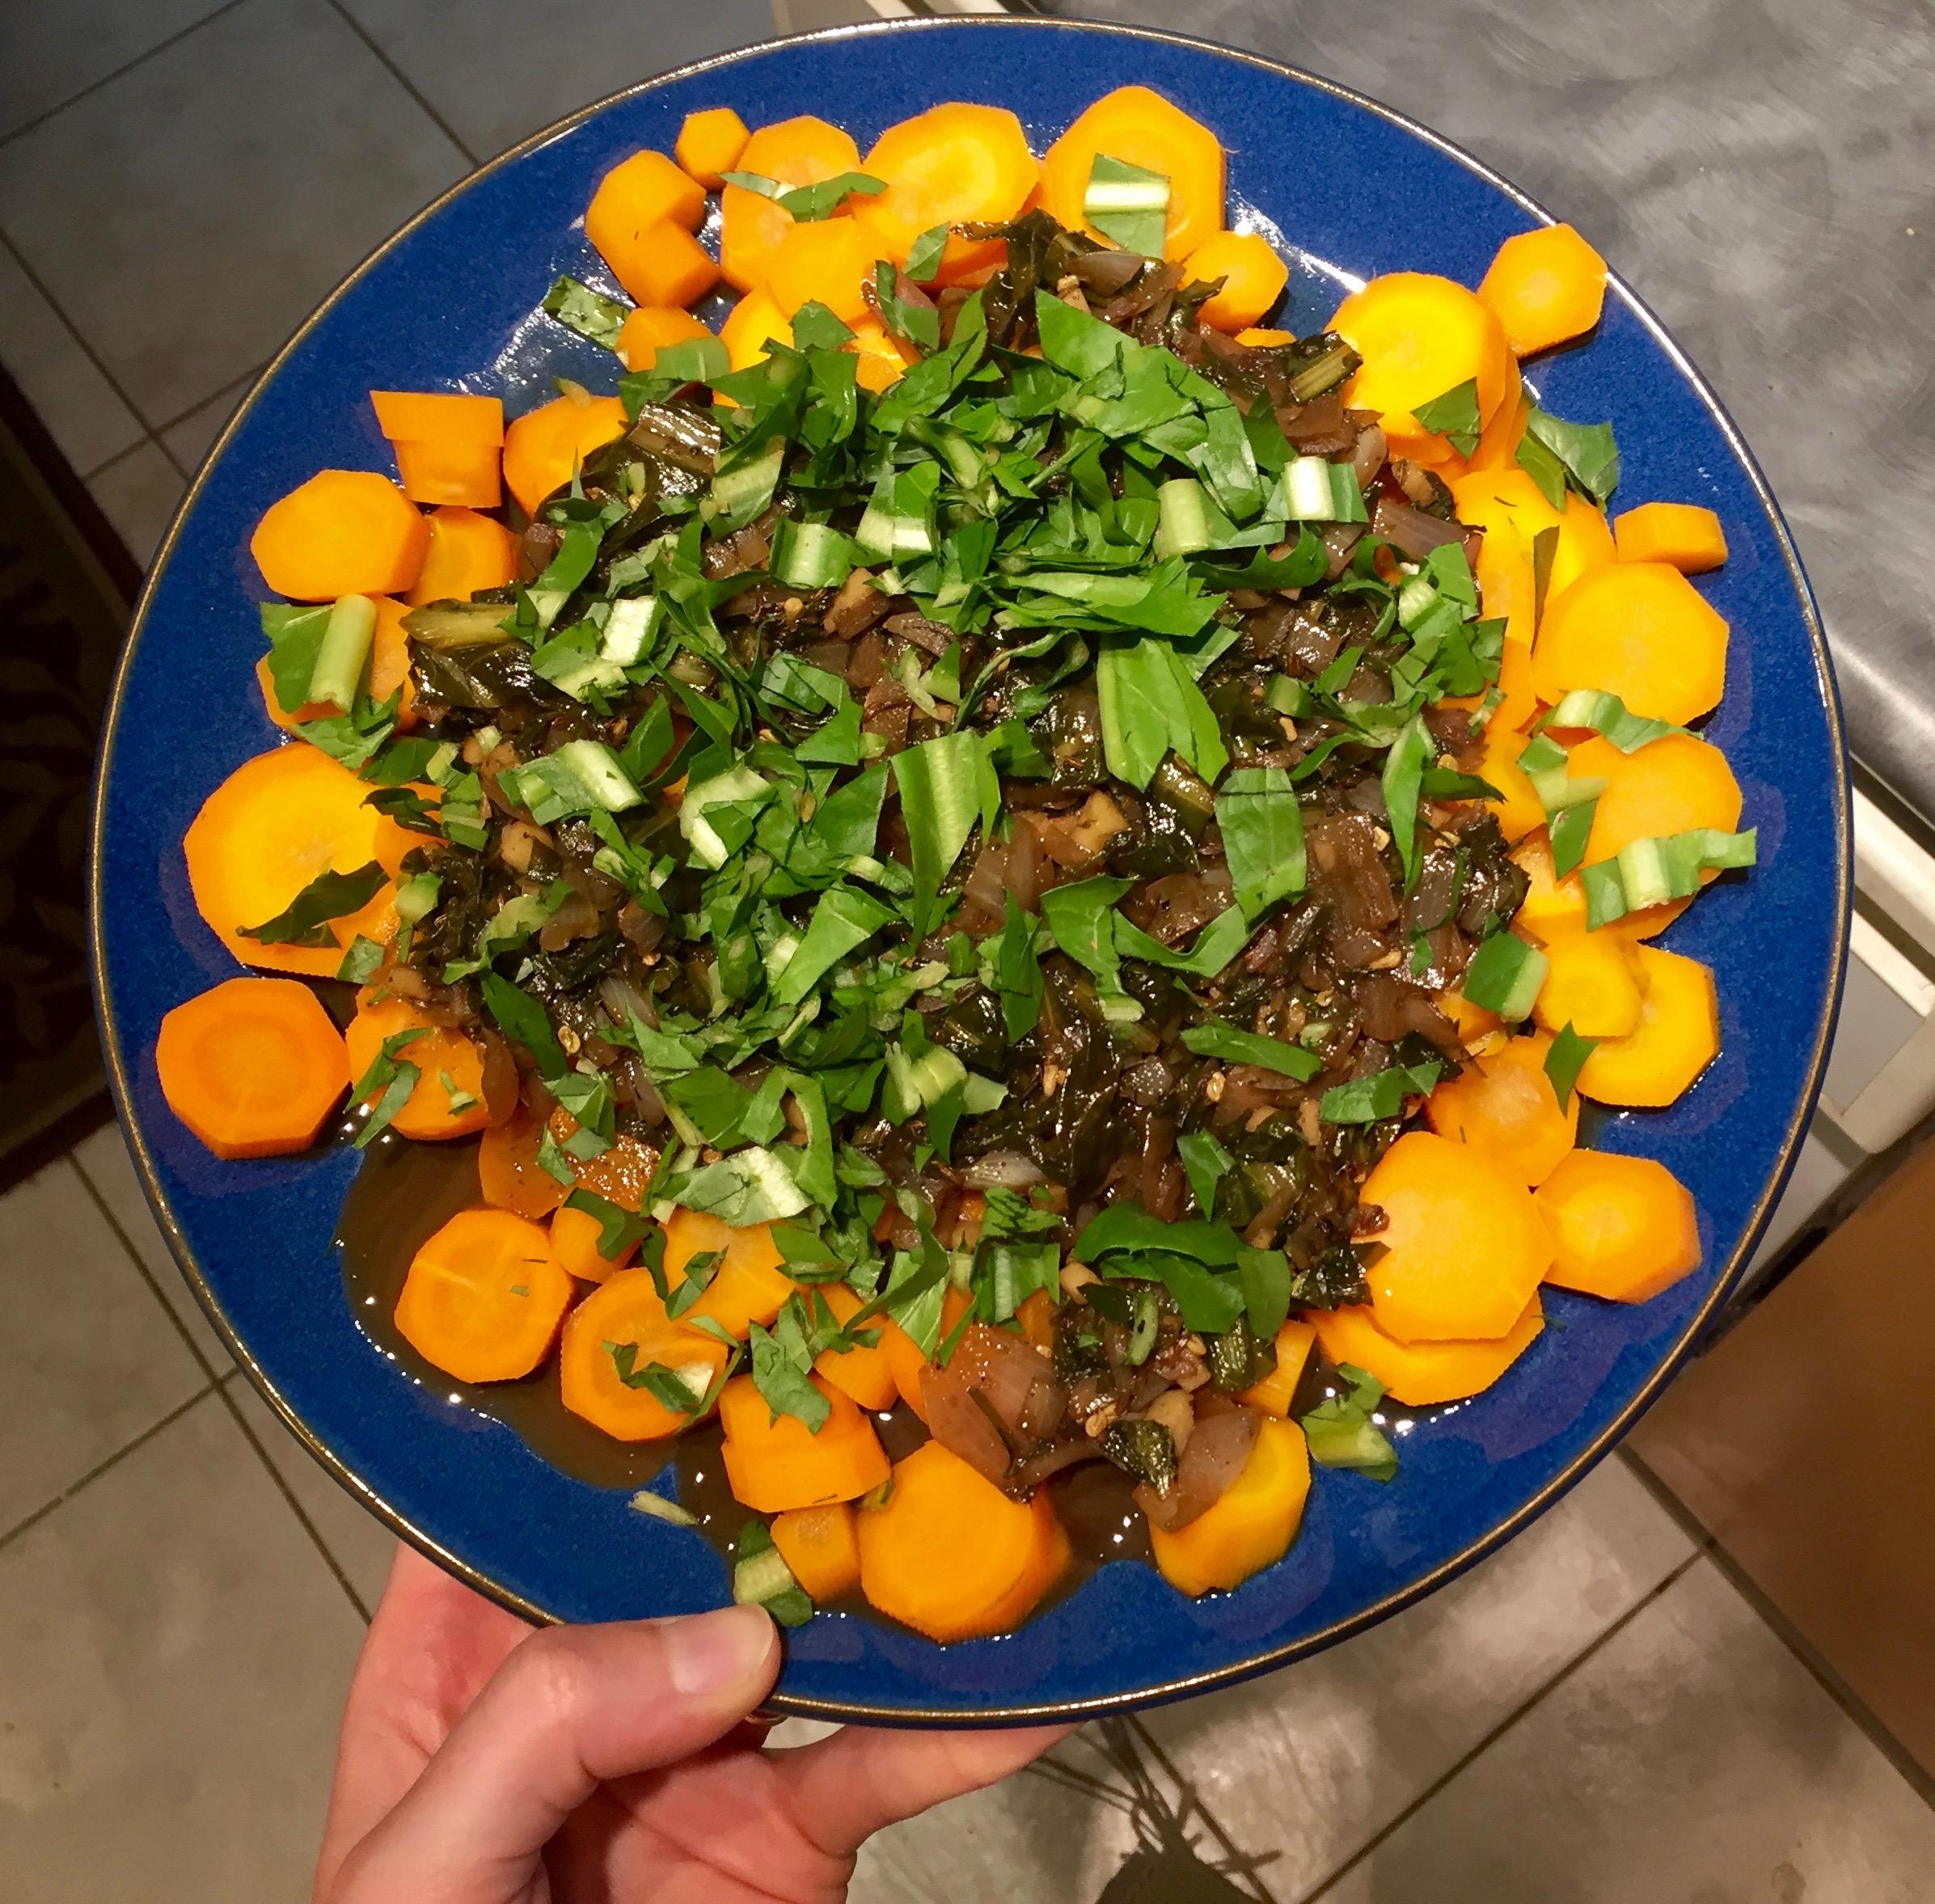 Delicious vinegar-y carrots!